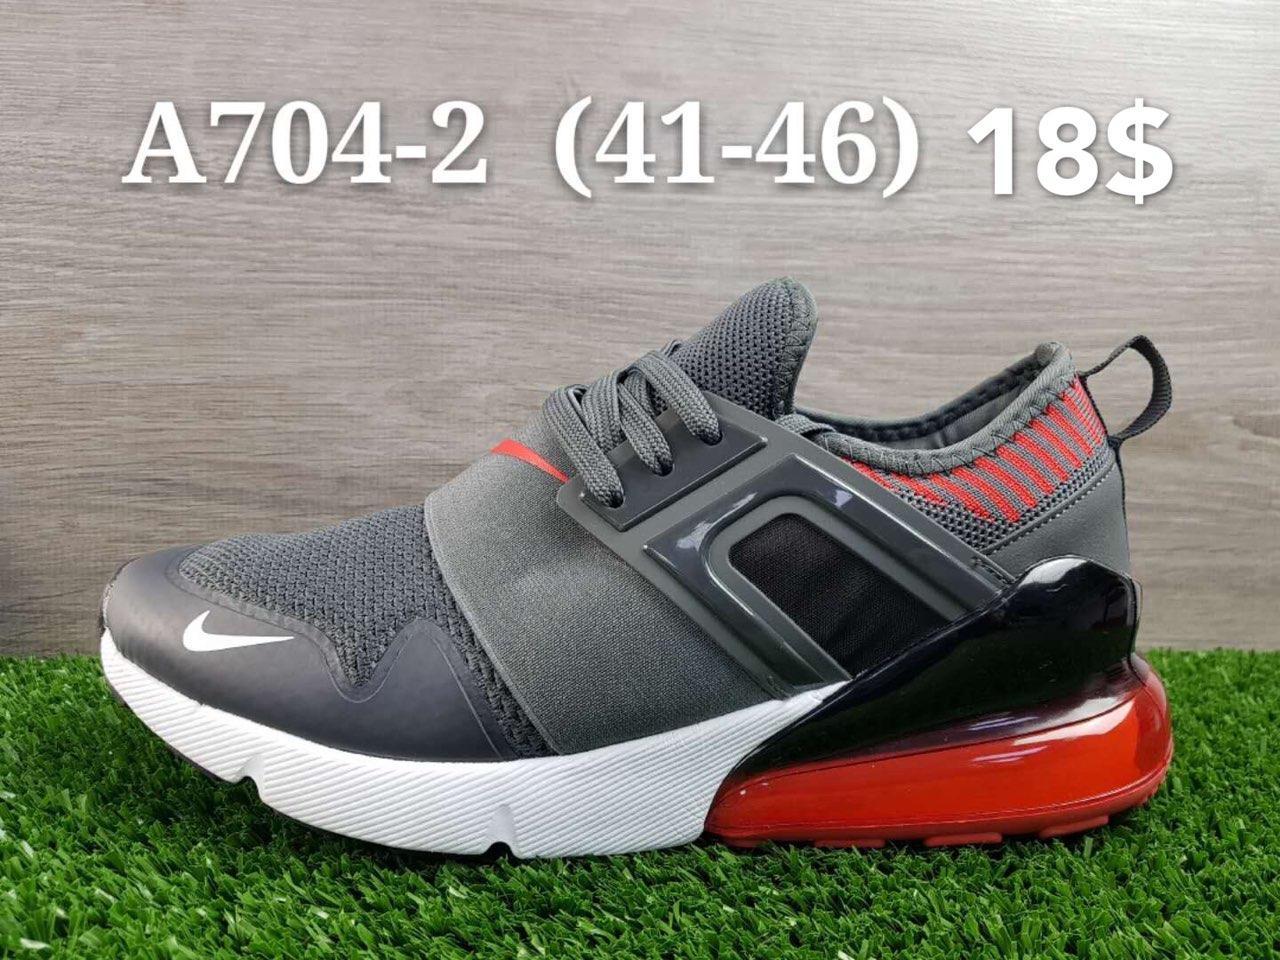 Мужские кроссовки Nike оптом (41-46)